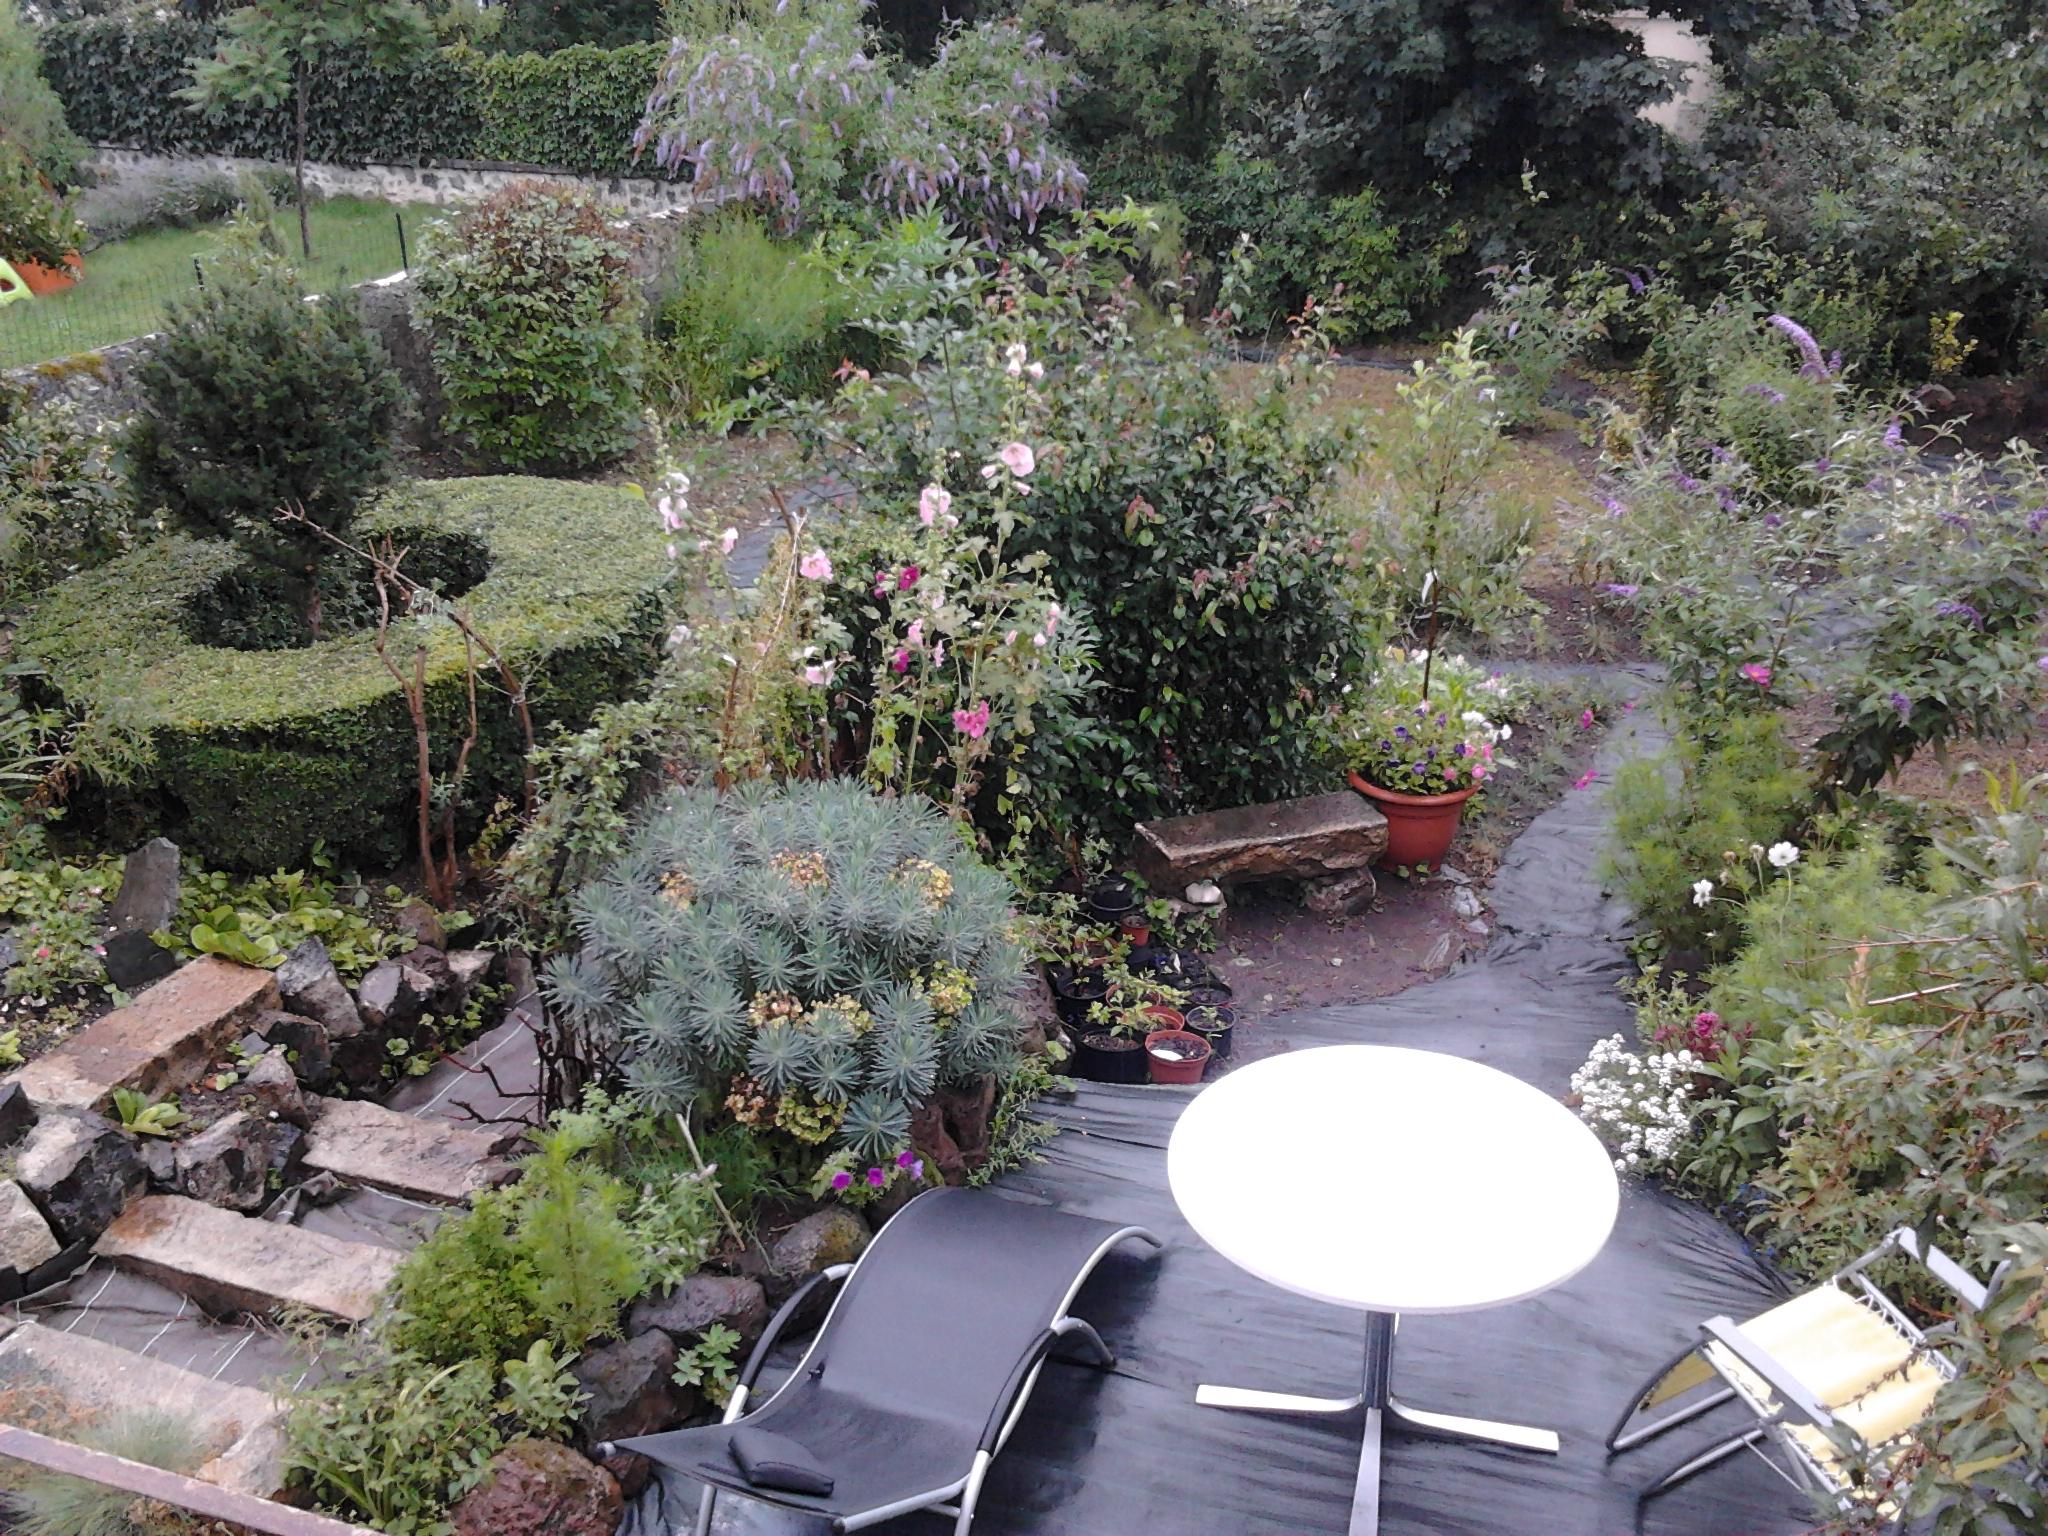 Mon petit jardin ponot jardinier conseil for Jardinier conseil